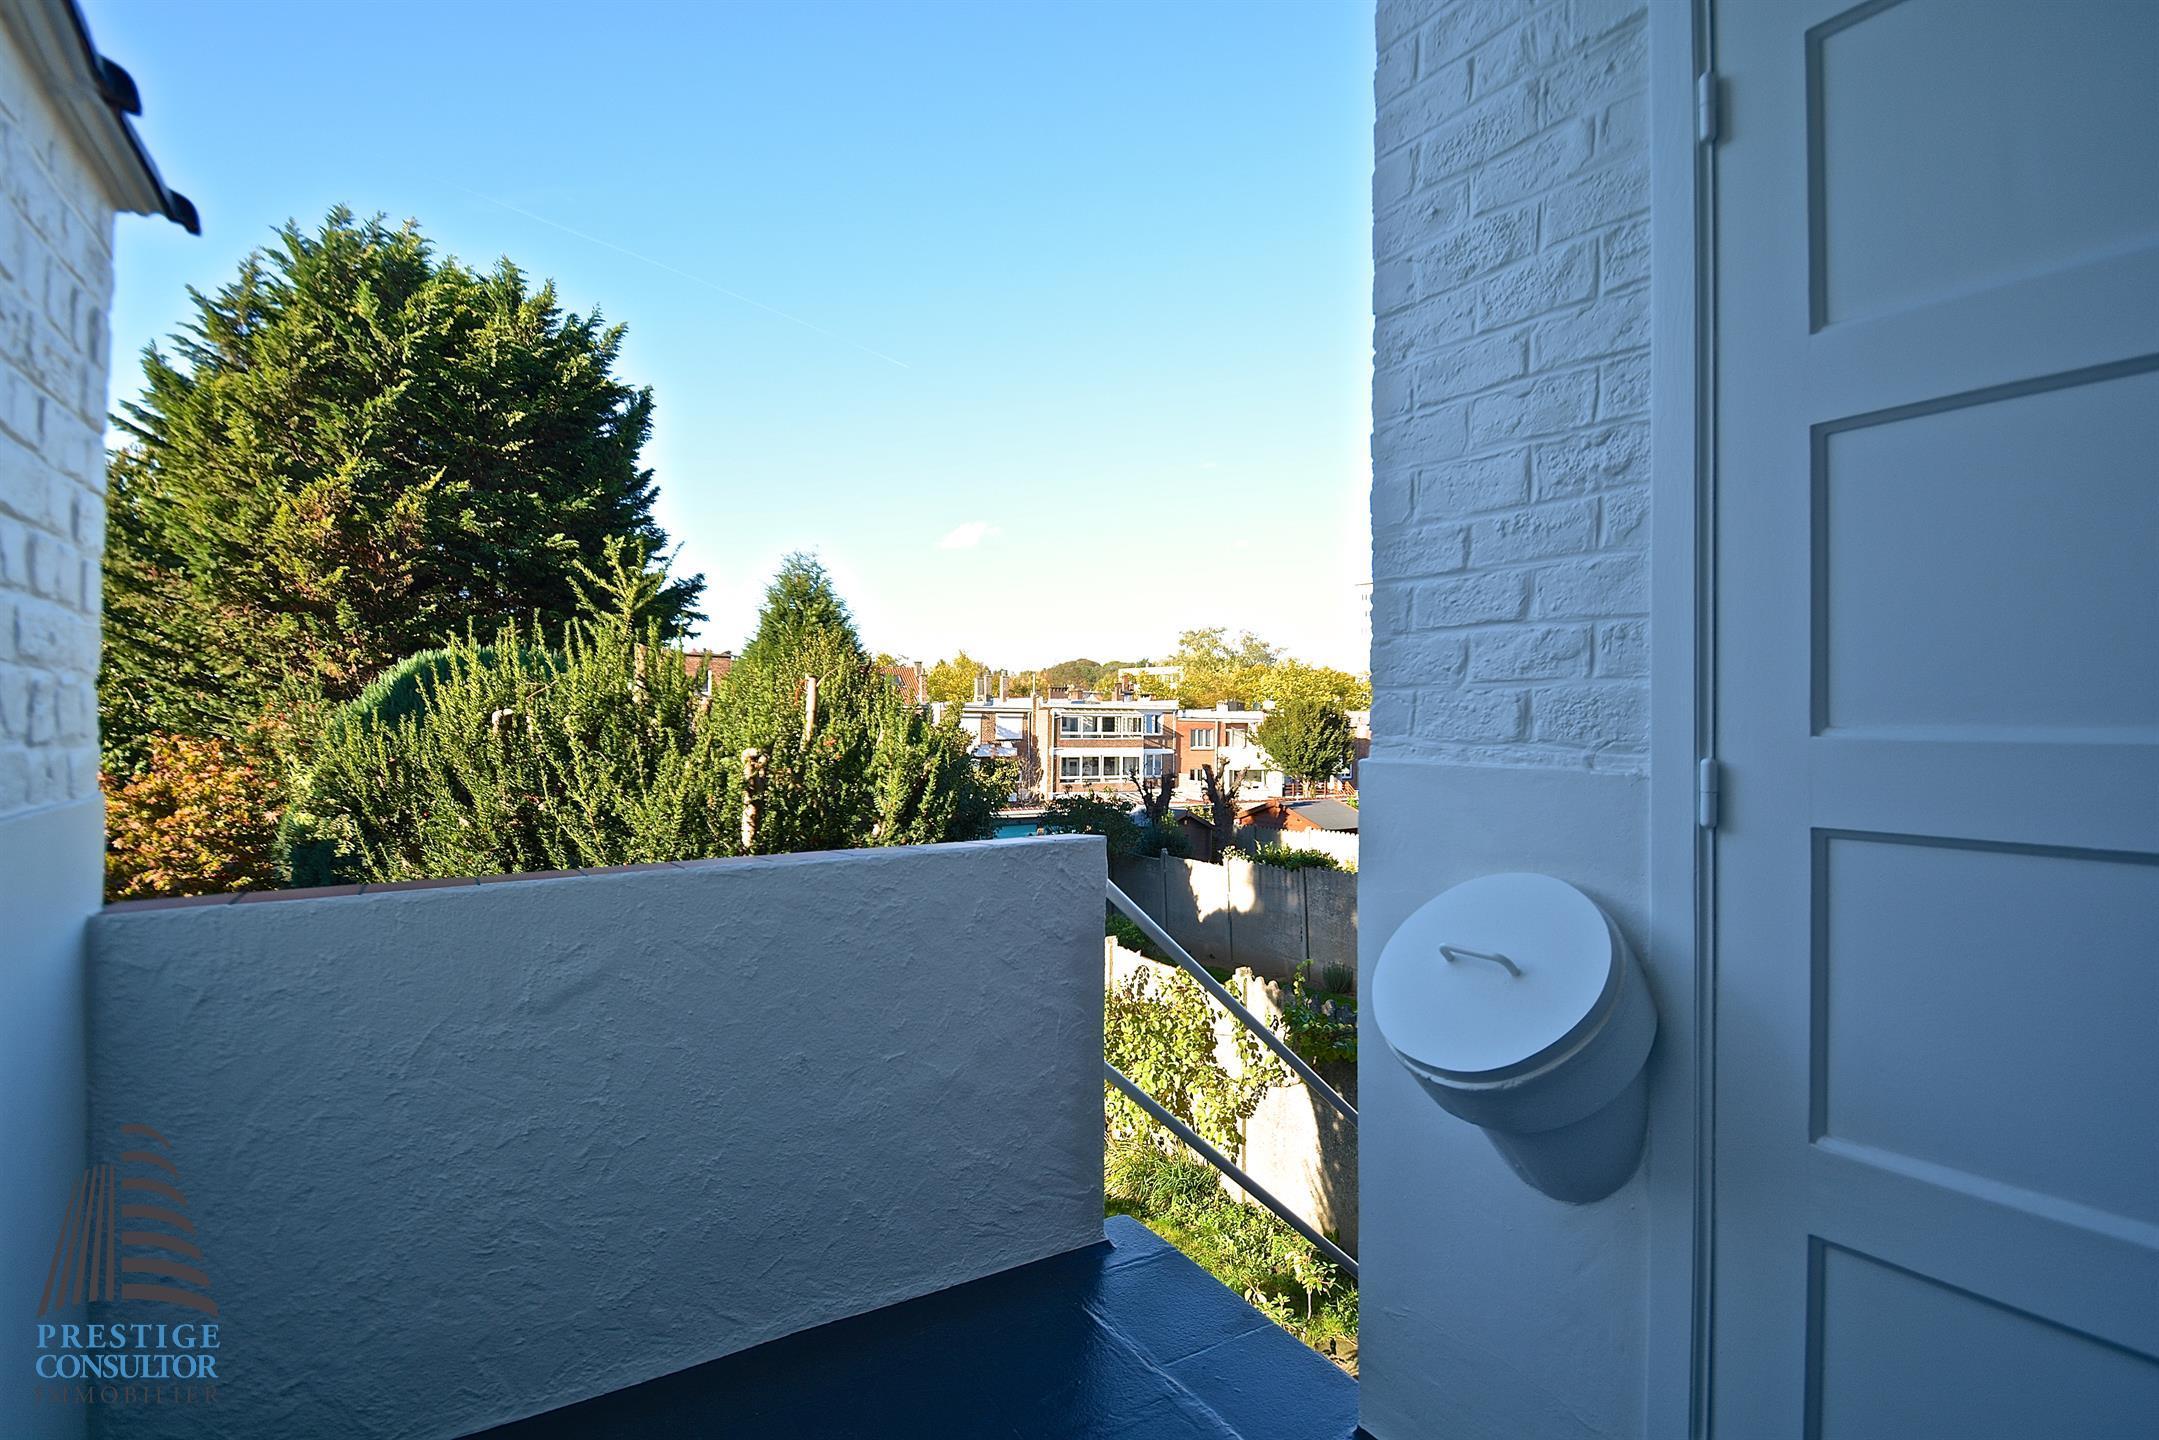 Appartement avec jardin - Anderlecht - #4516225-7